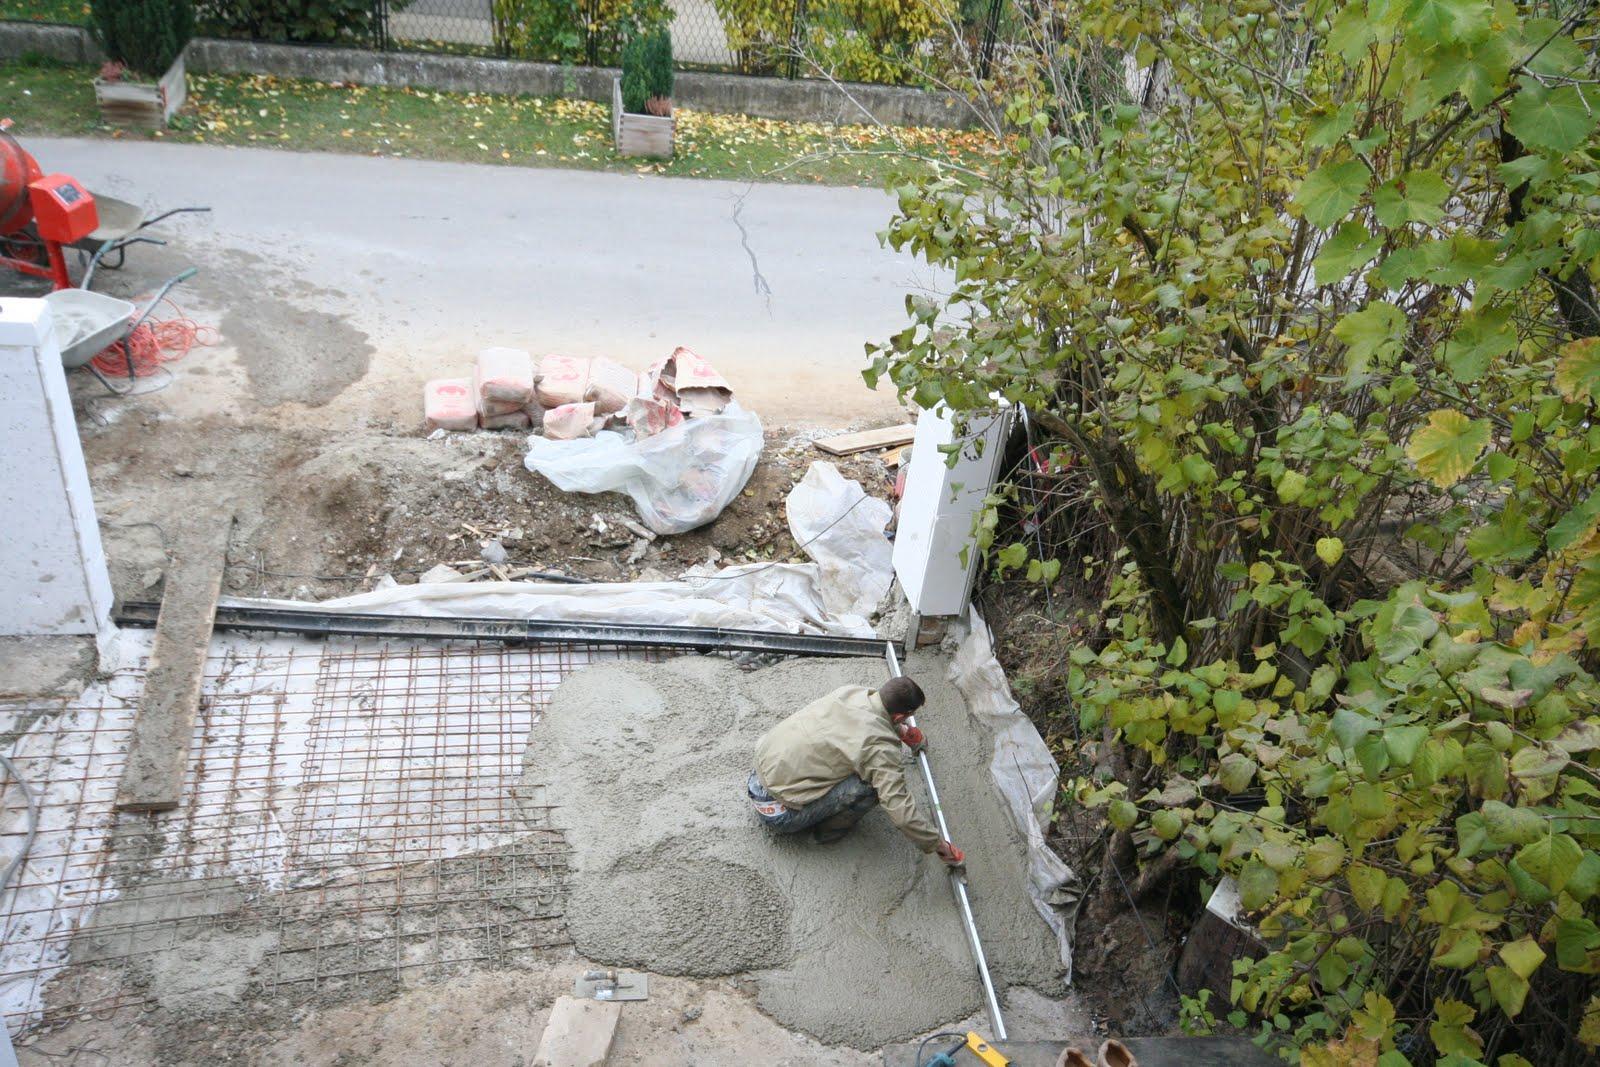 einfahrt betonieren einfahrt betonieren bauforum auf hochwertige baustoffe einfahrt betonieren. Black Bedroom Furniture Sets. Home Design Ideas